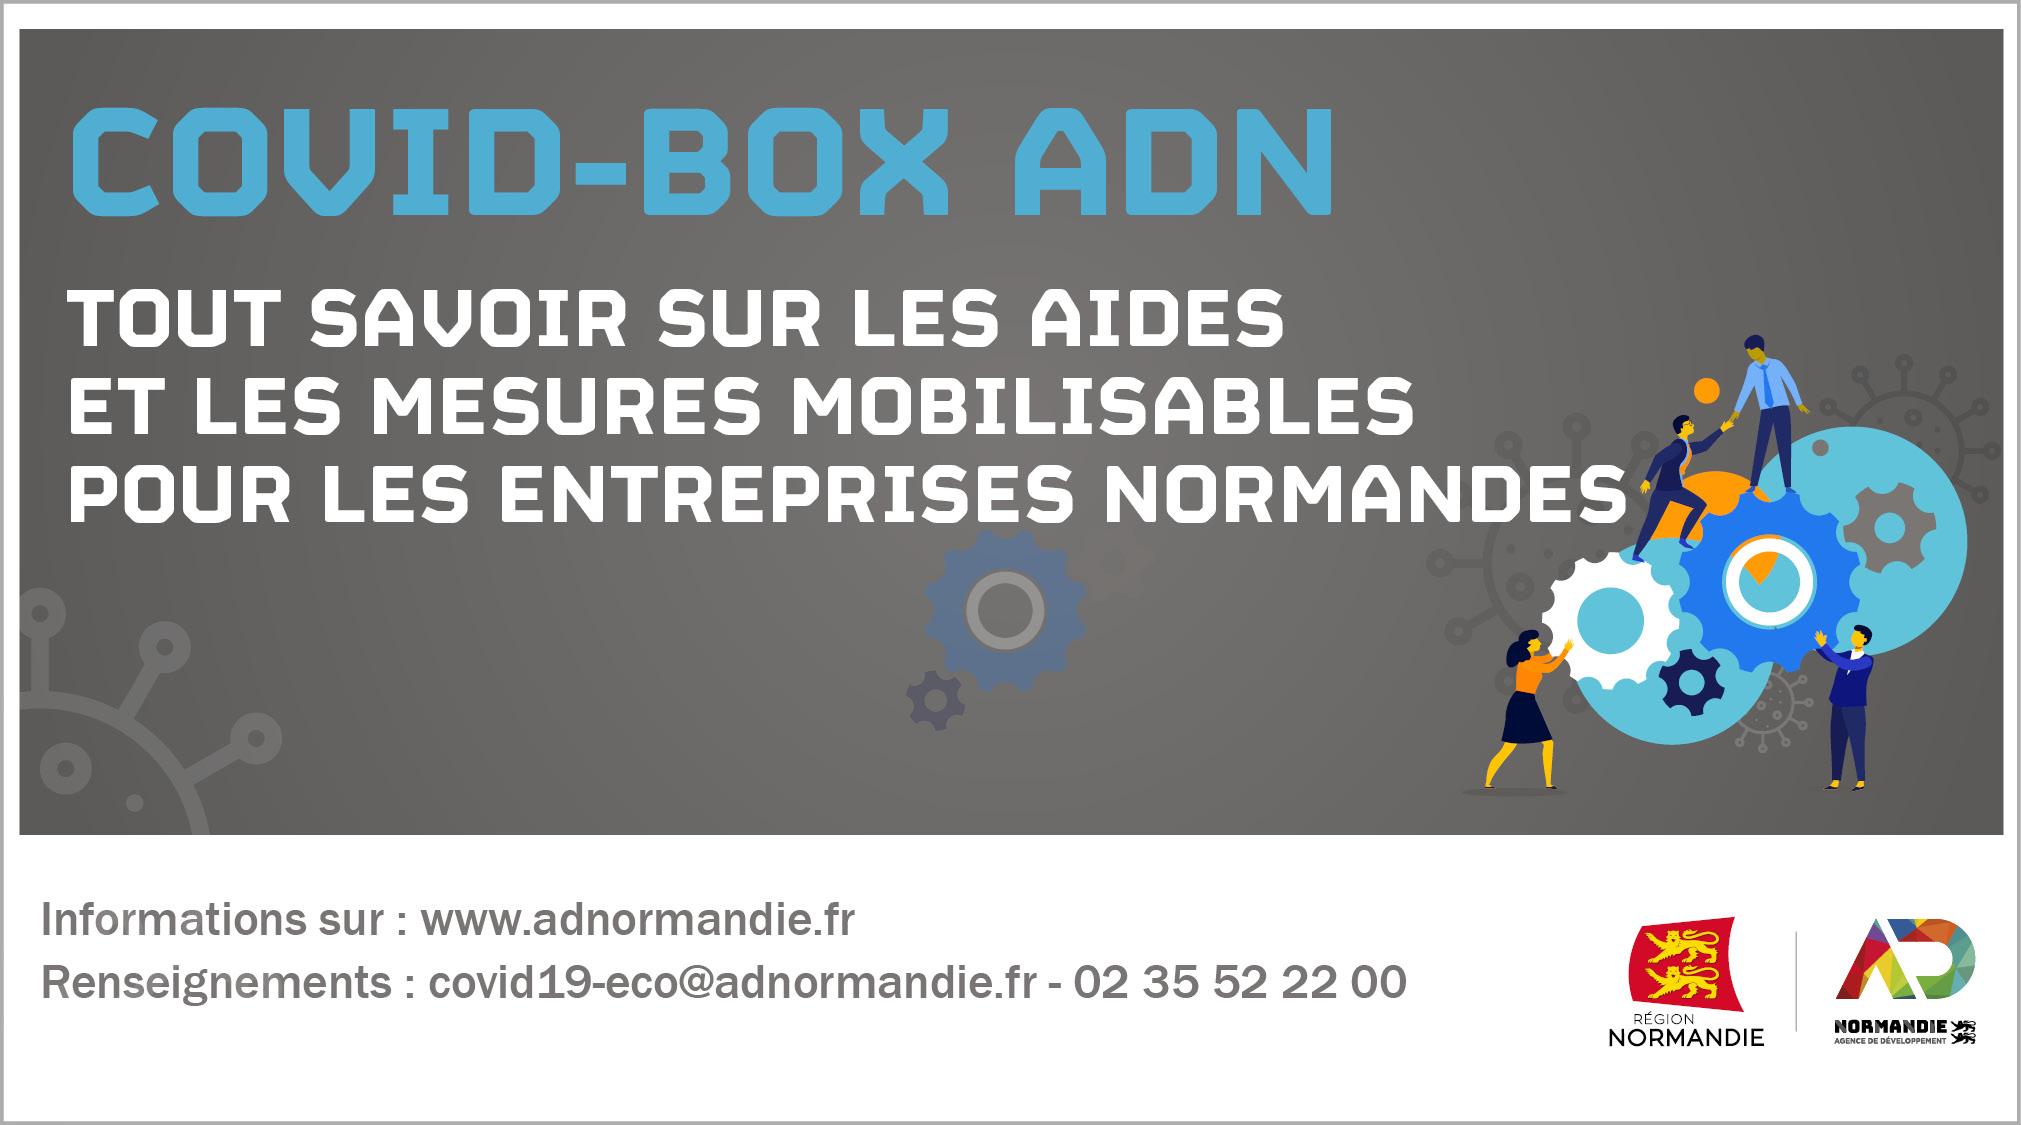 Covid Box AD Normandie